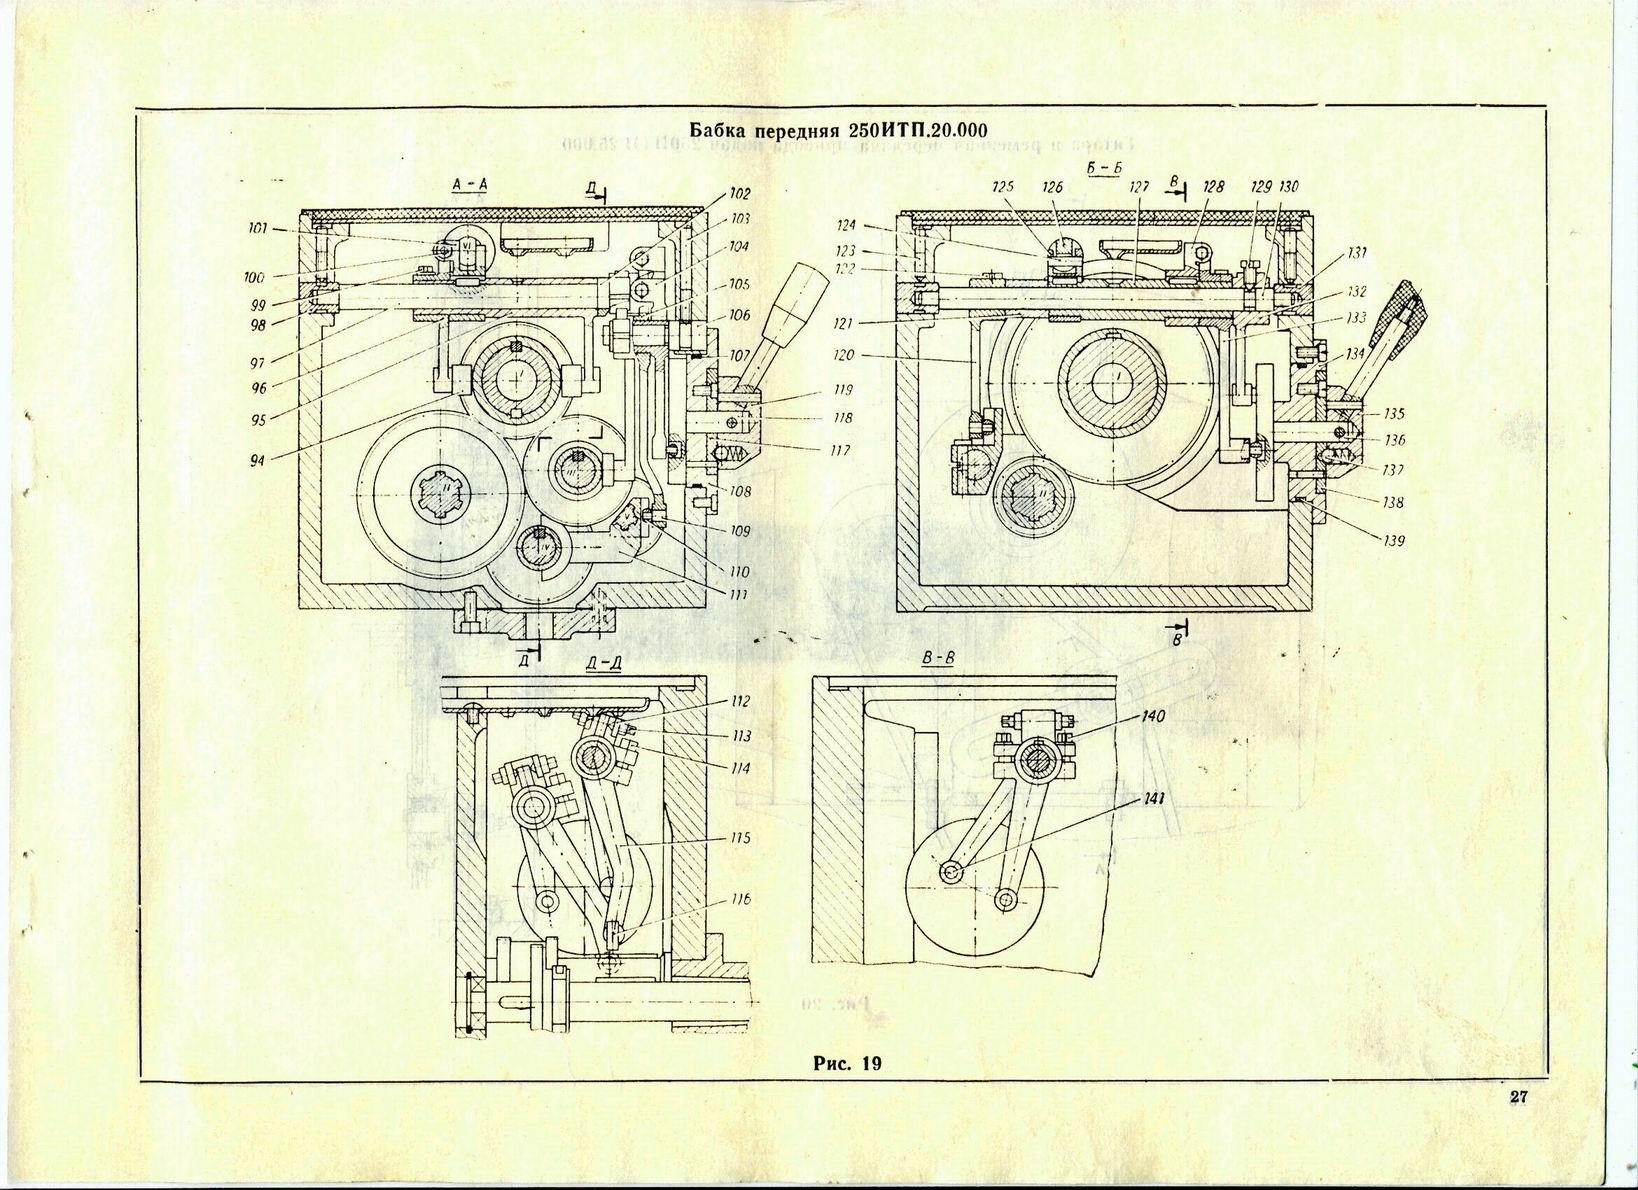 токарные станки схемы и ремонт